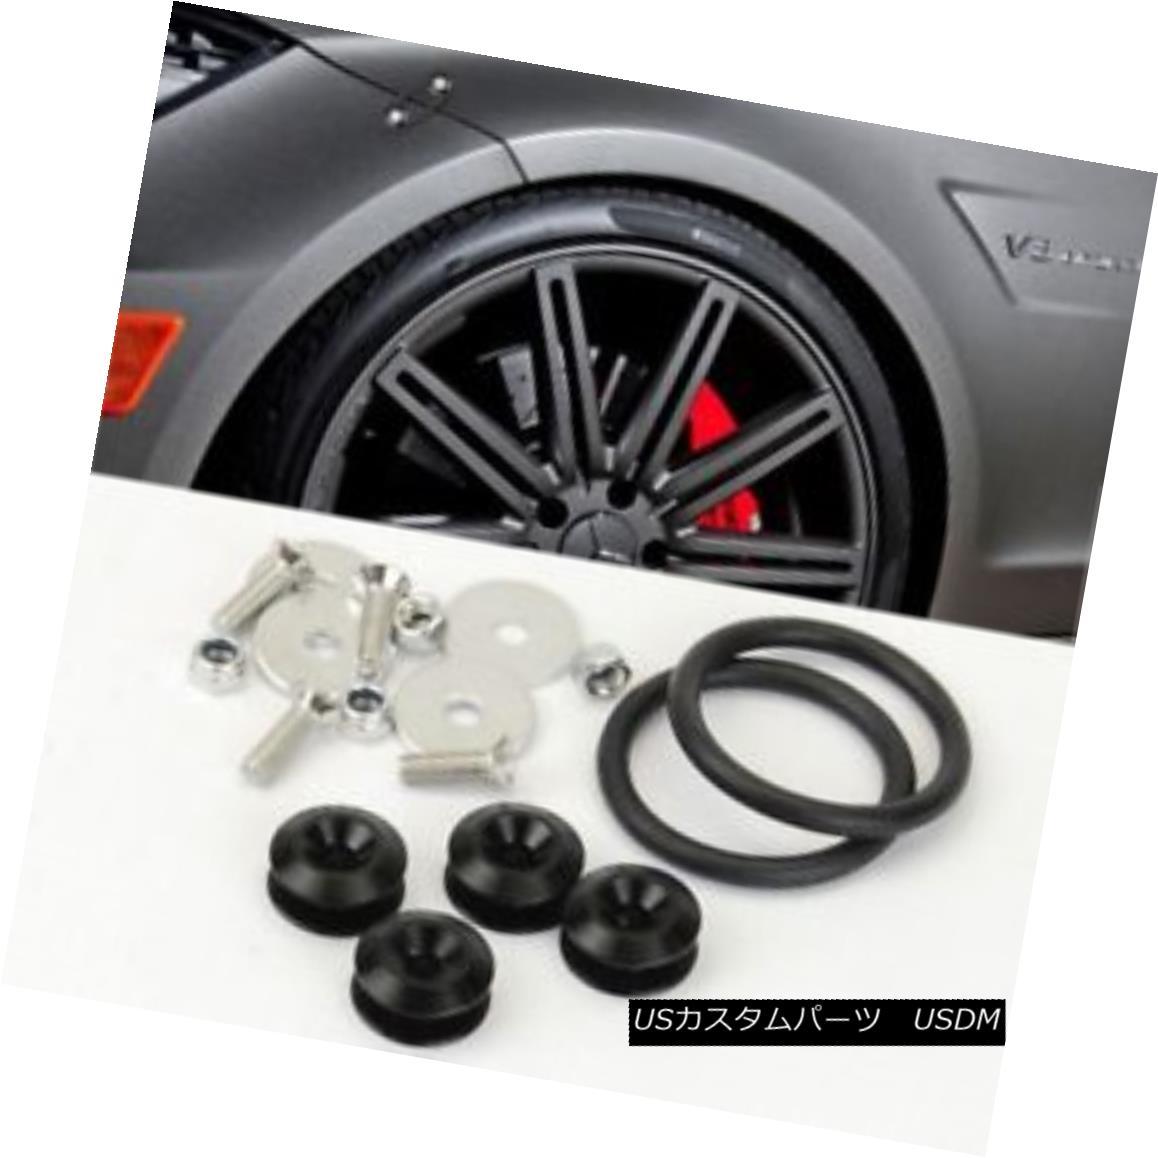 エアロパーツ Black Bolt on Fast Quick Release Secure Kit For FORD Front Rear Bumper Lip ブラッククイックリリースクイックリリースフォードフロントリアバンパーリップ用セキュアキット